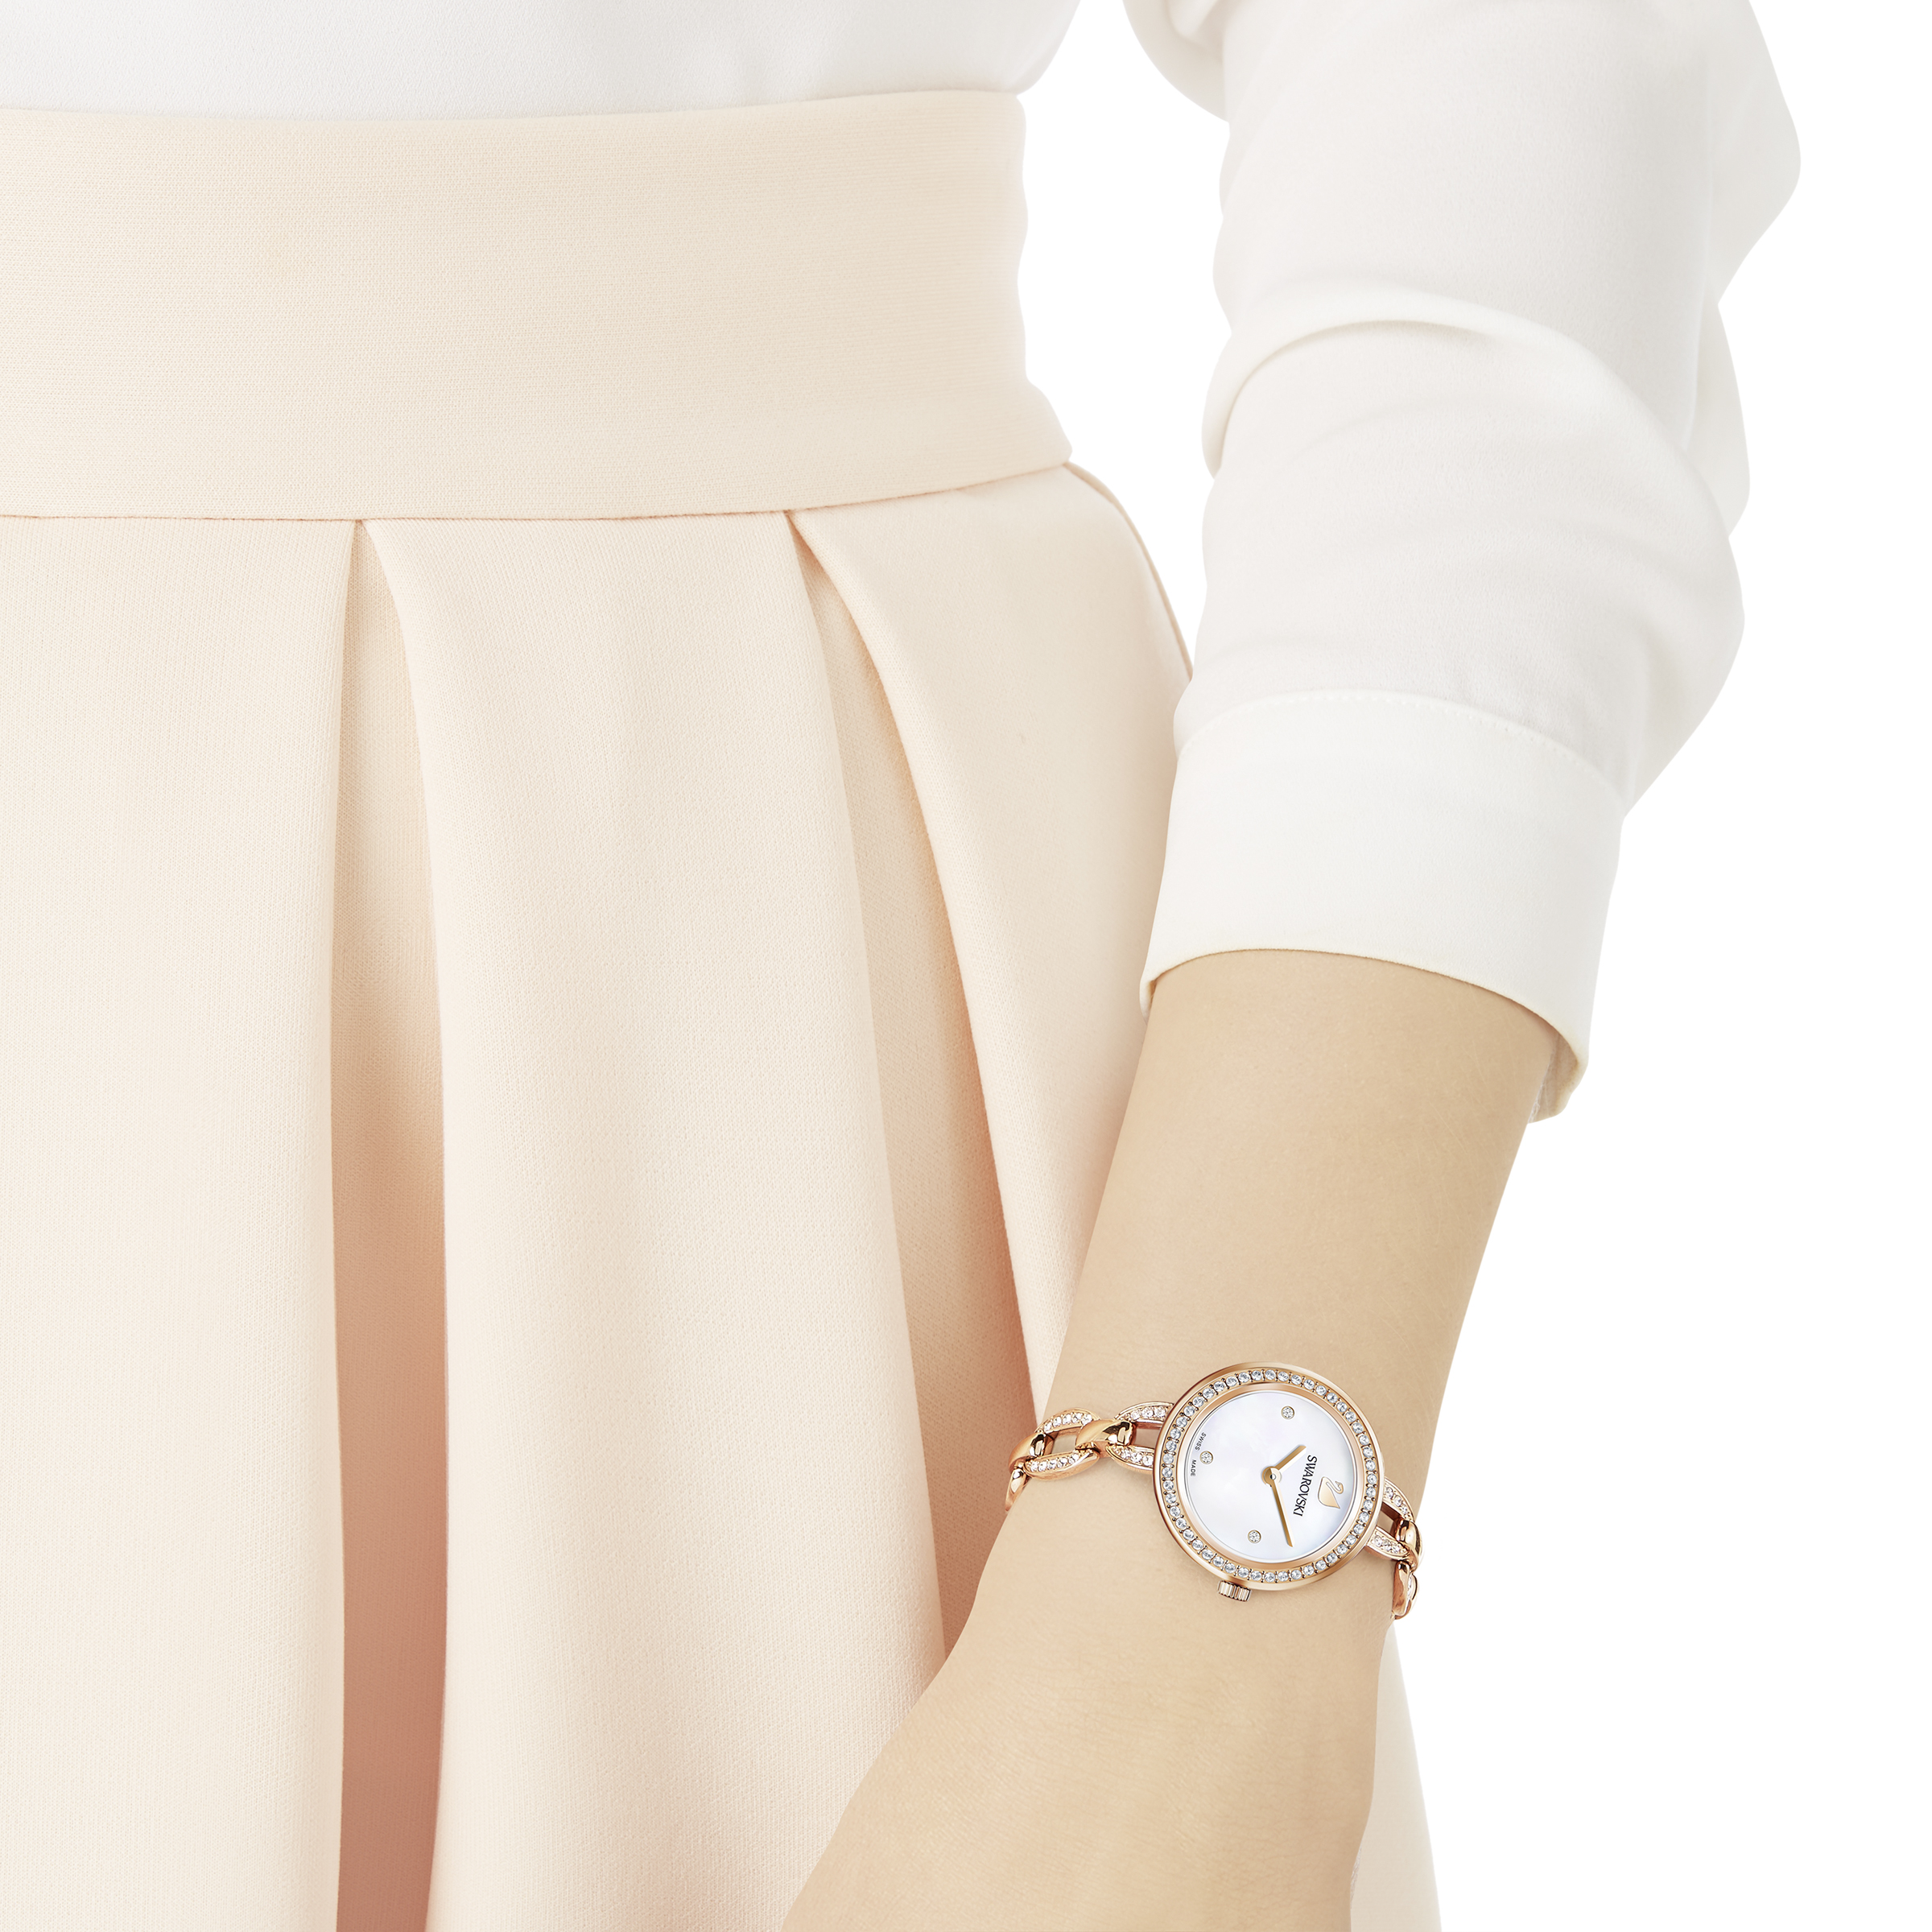 Aila Mini Watch, Rose Gold Tone